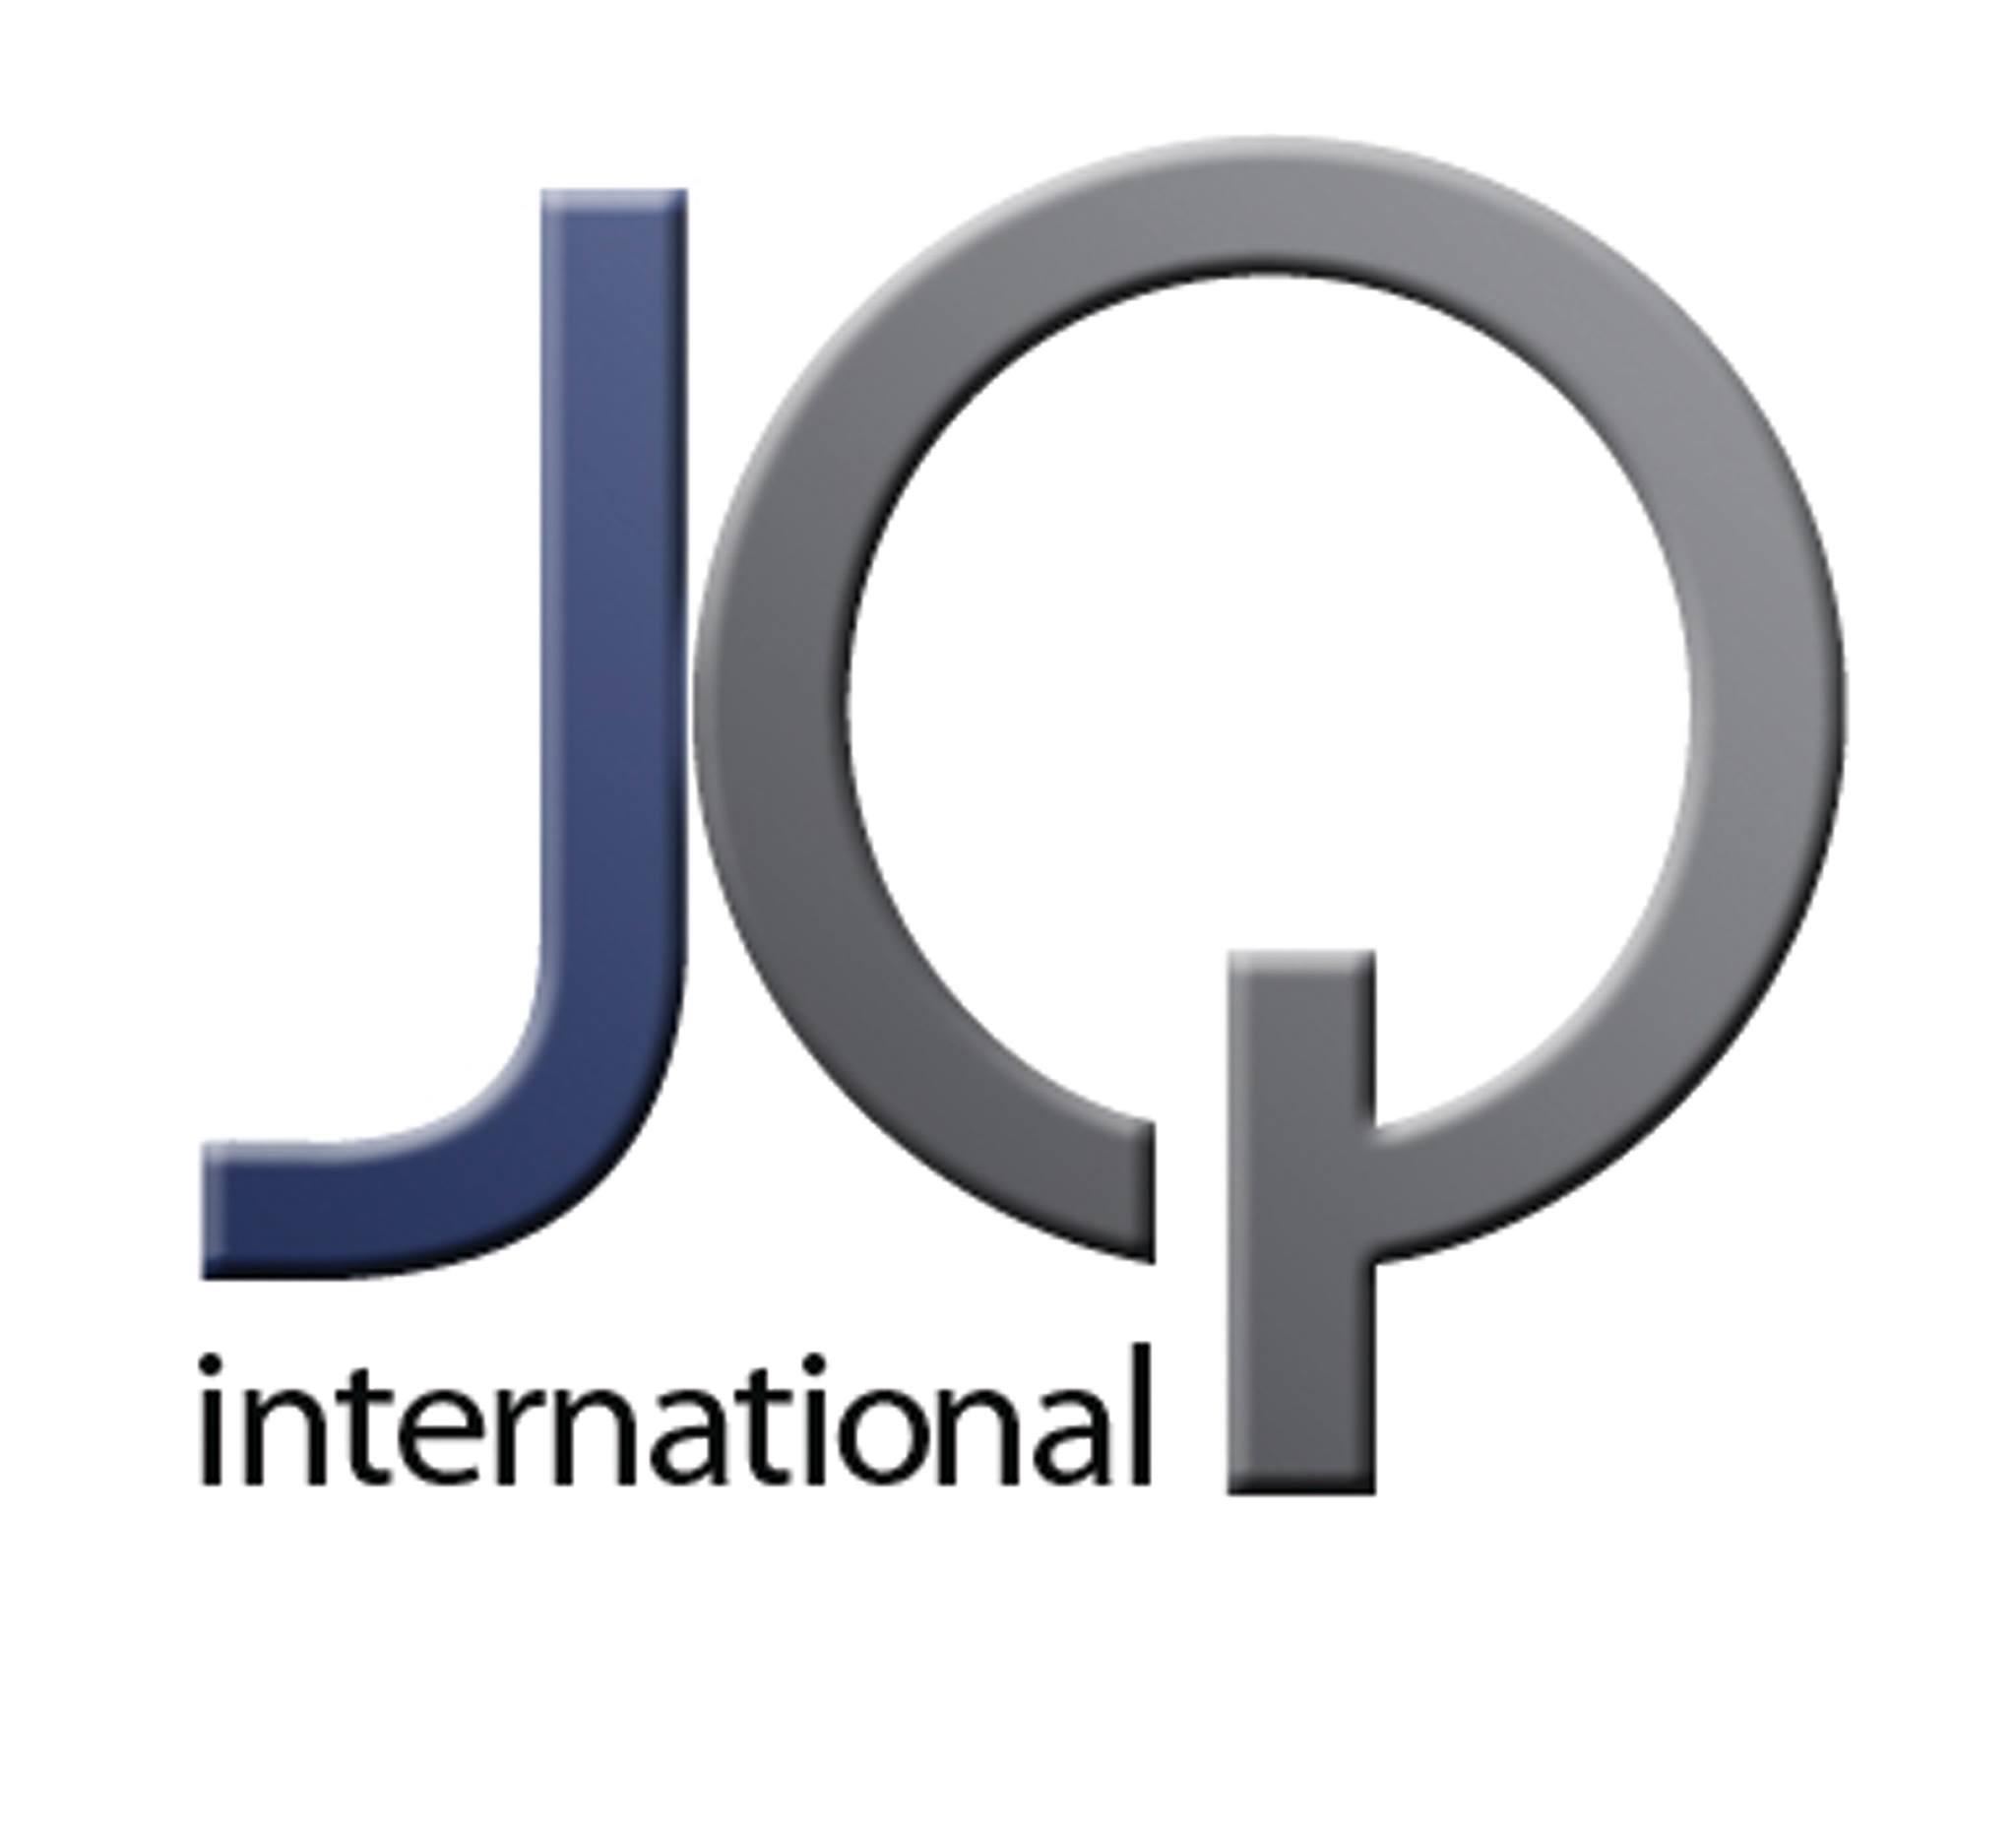 http://www.jqinternational.org/latterdayjew/